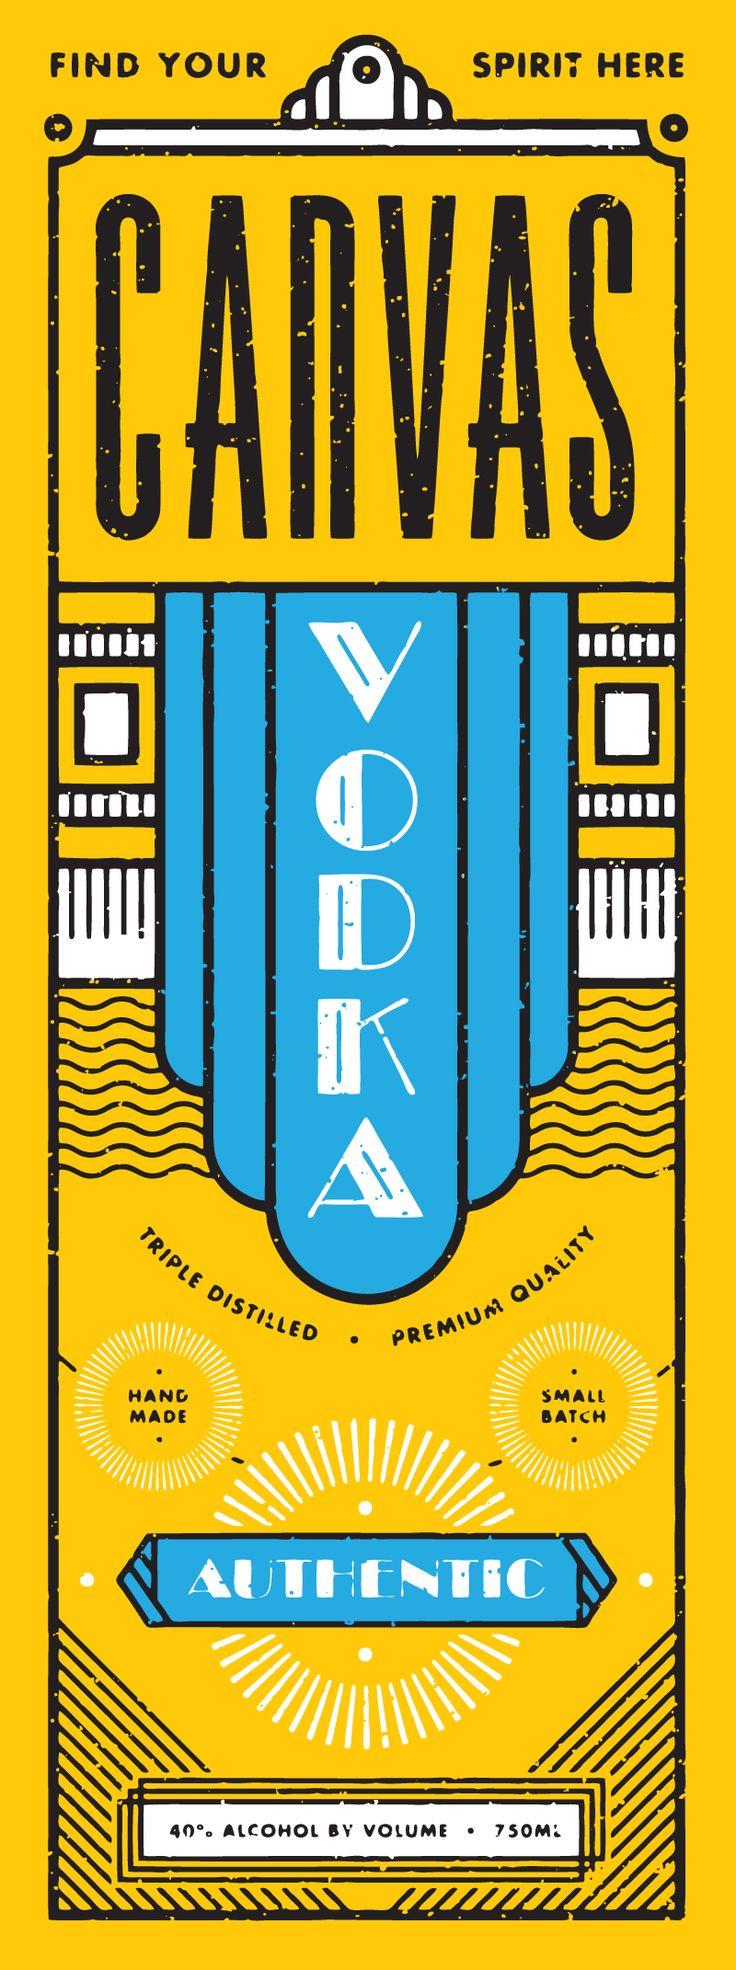 Liquor-bottle-package-art-deco-design